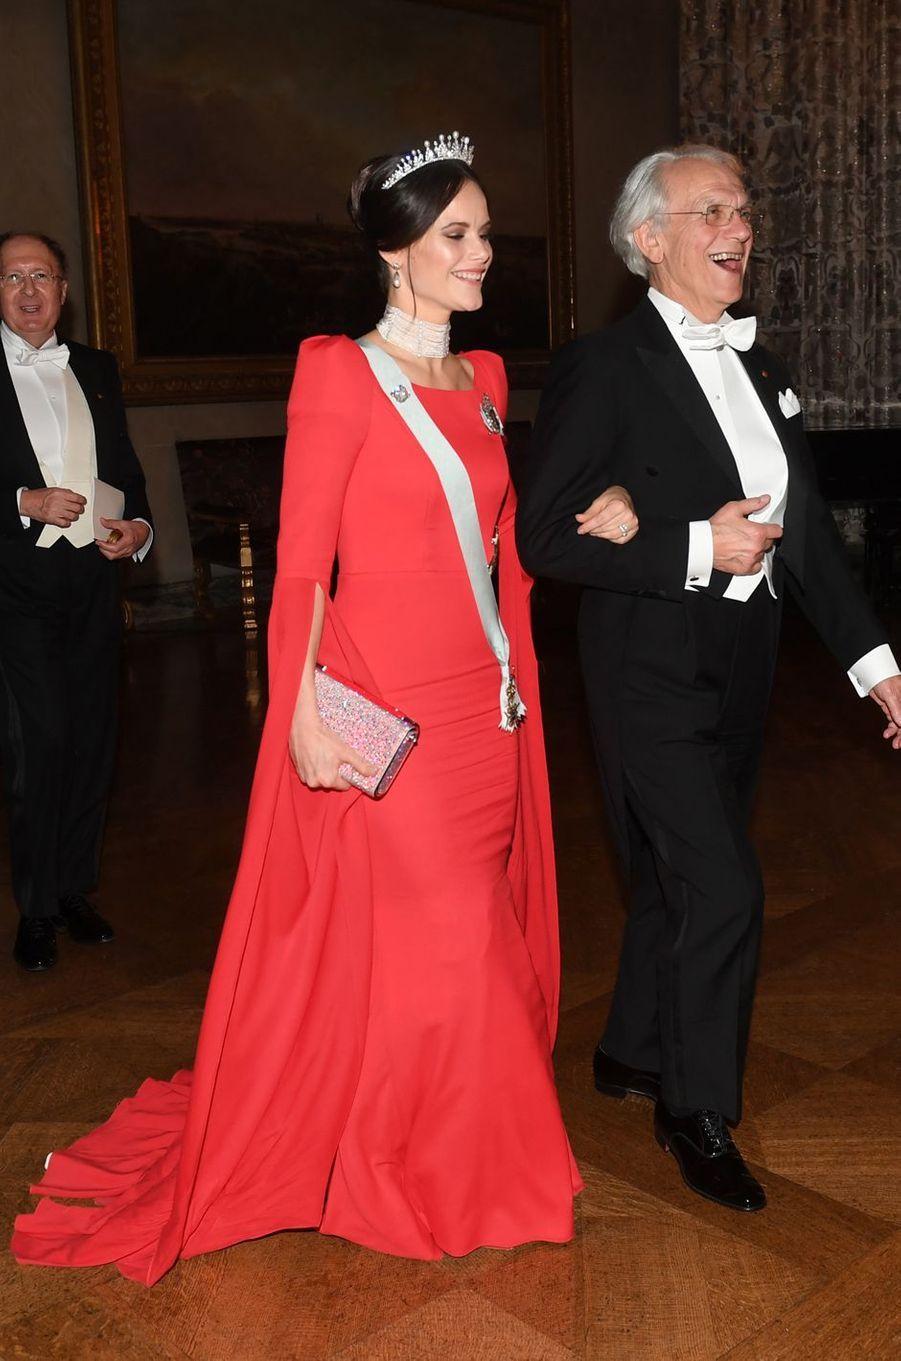 La princesse Sofia de Suède dans une robe Zetterberg couture, le 10 décembre 2018